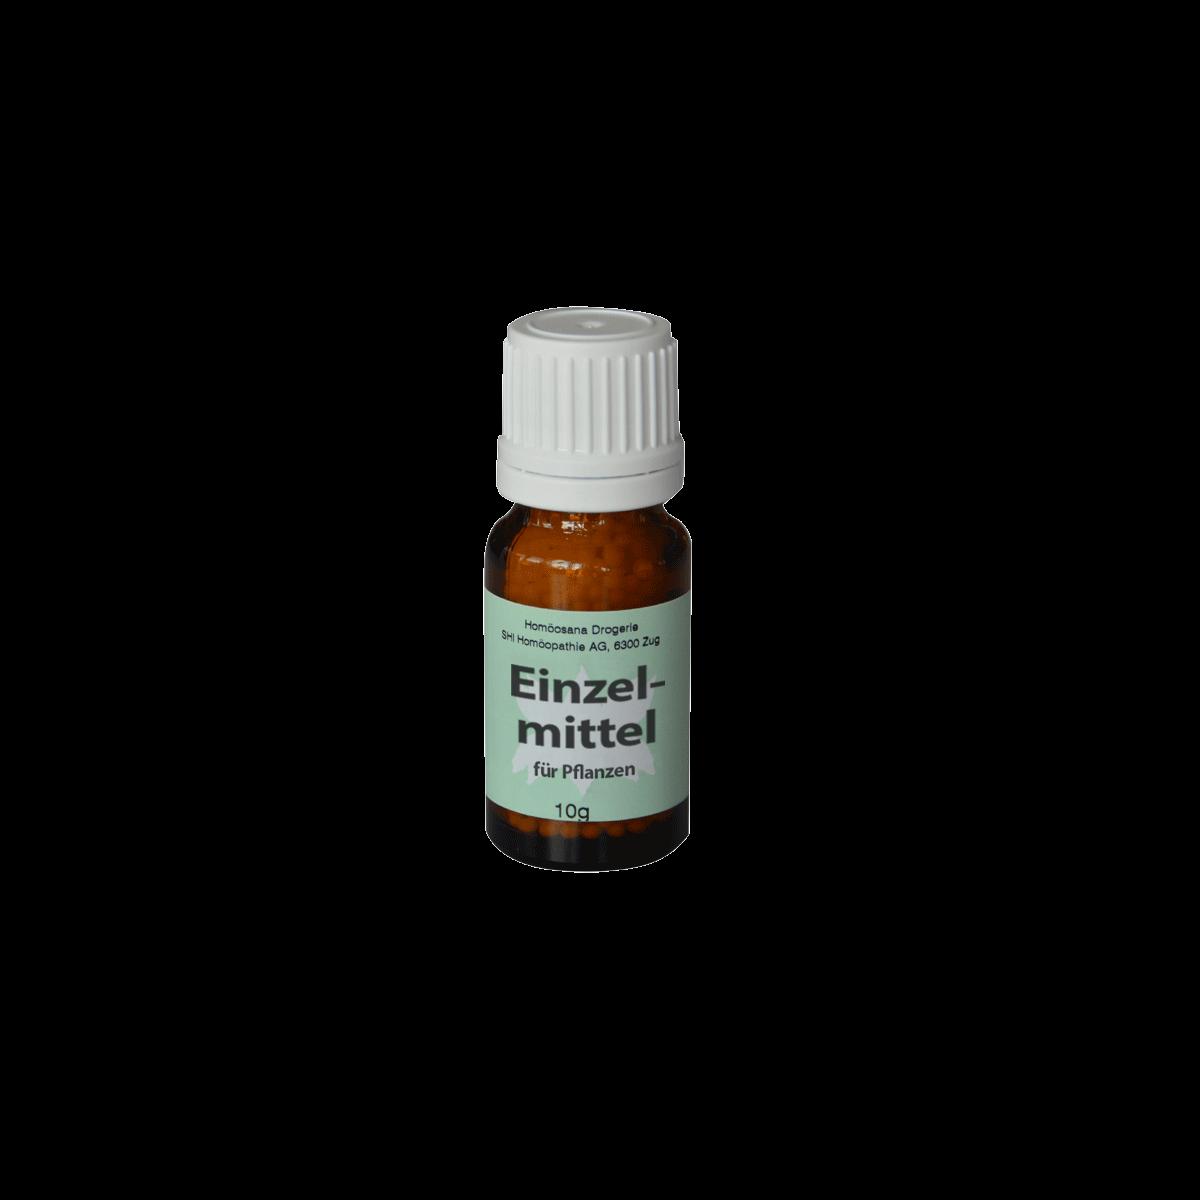 Manganum sulphuricum